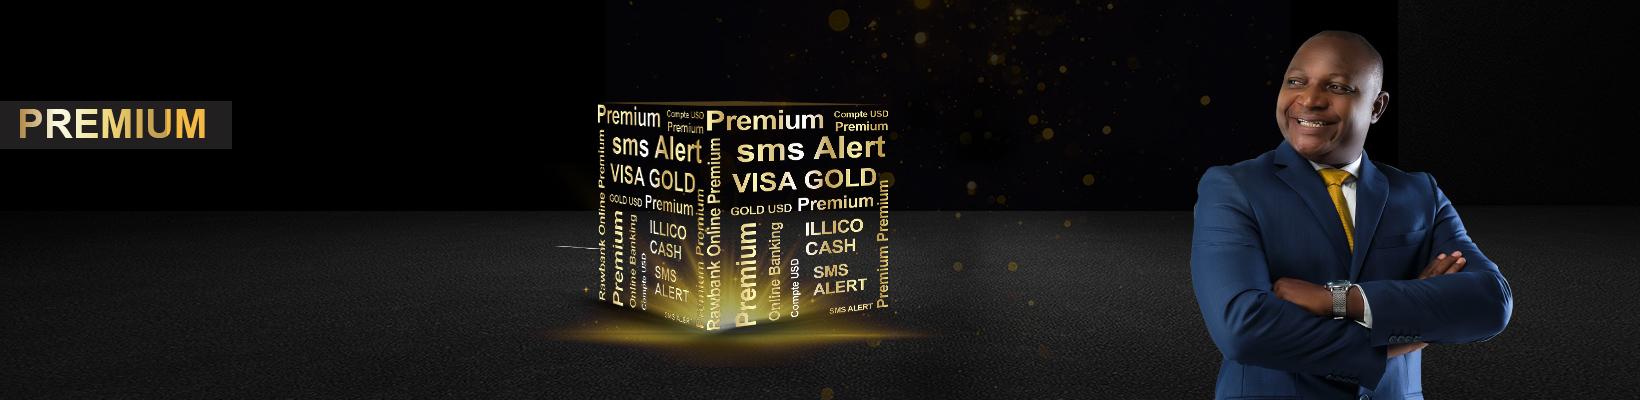 1640x400-pack-Premium